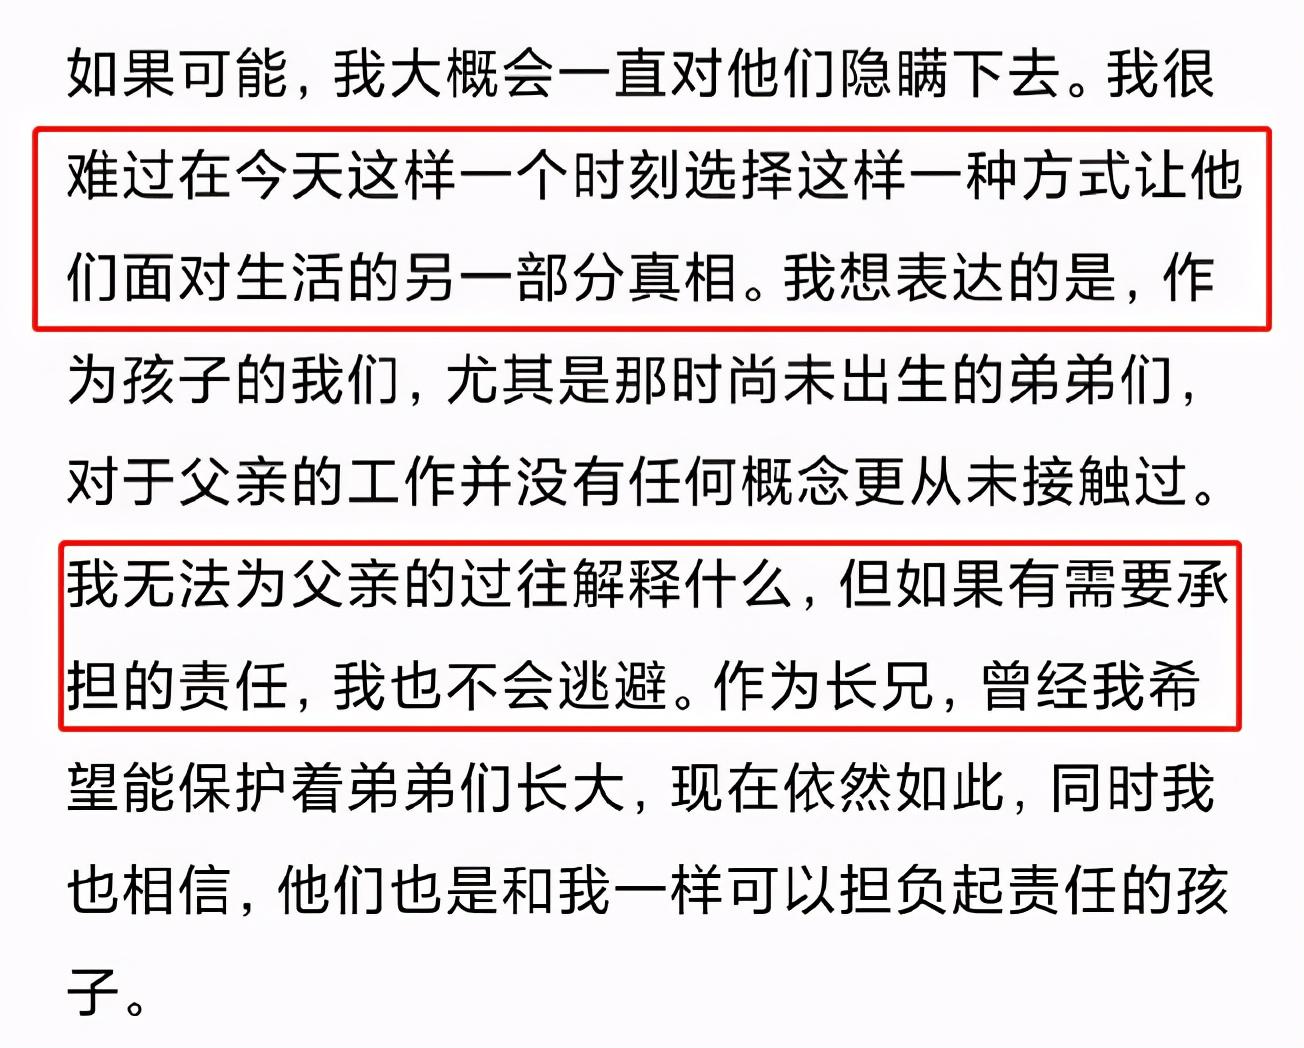 """《创4》周柯宇哥哥发文与父亲""""抛清关系"""",网友挖苦:开除父籍"""